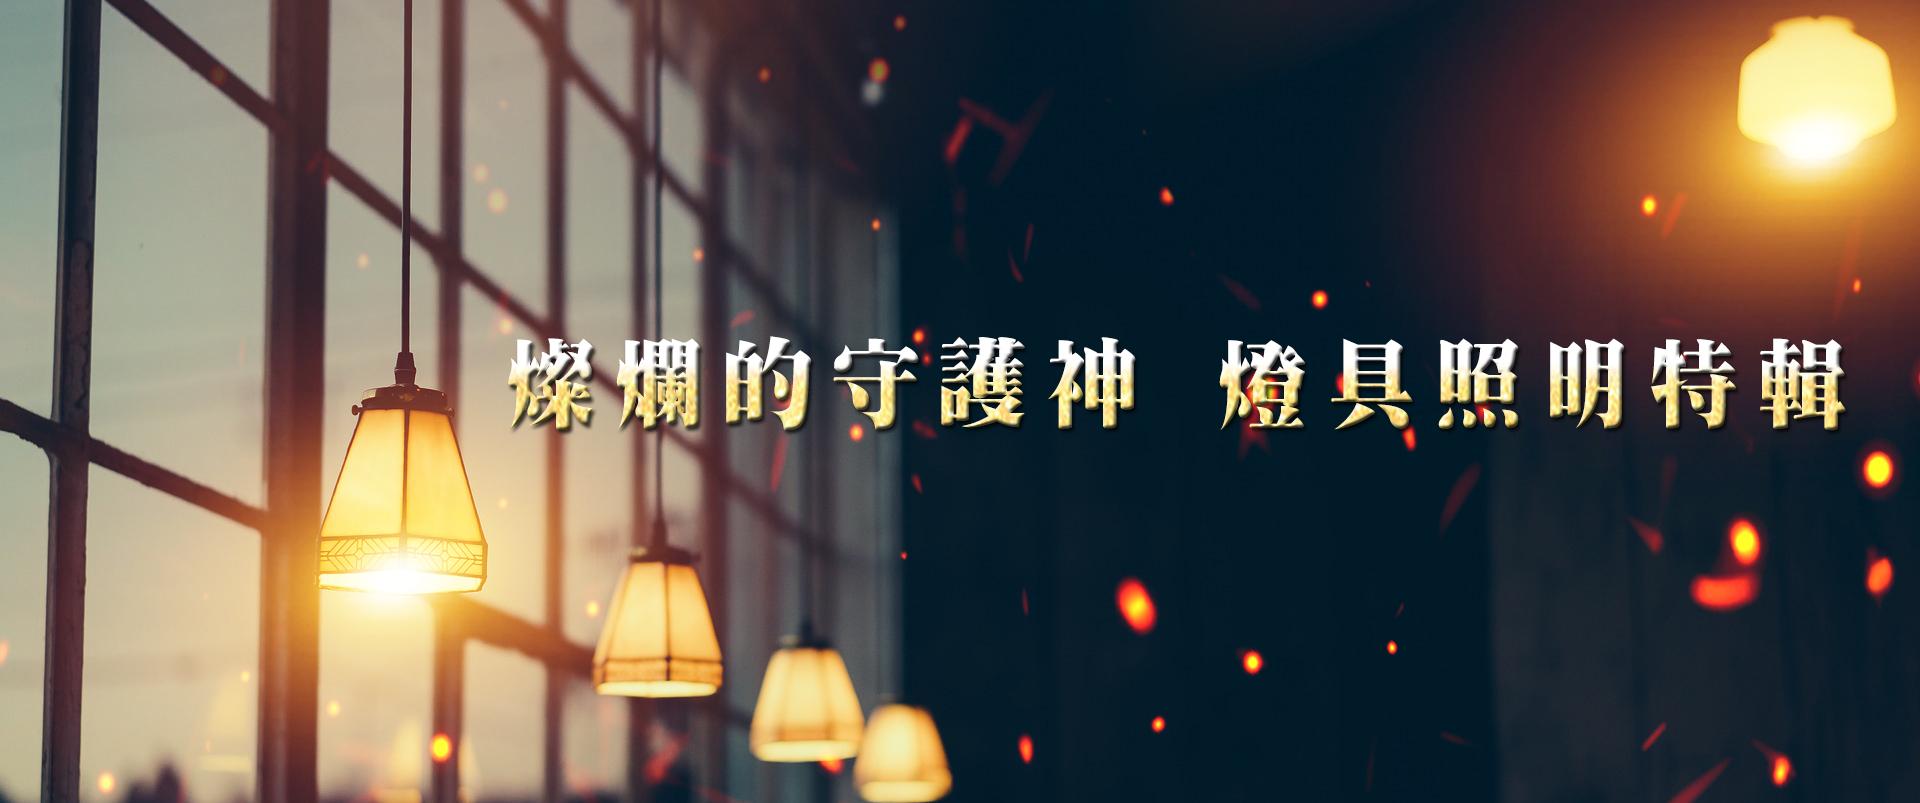 燦爛的守護神 燈具照明特輯